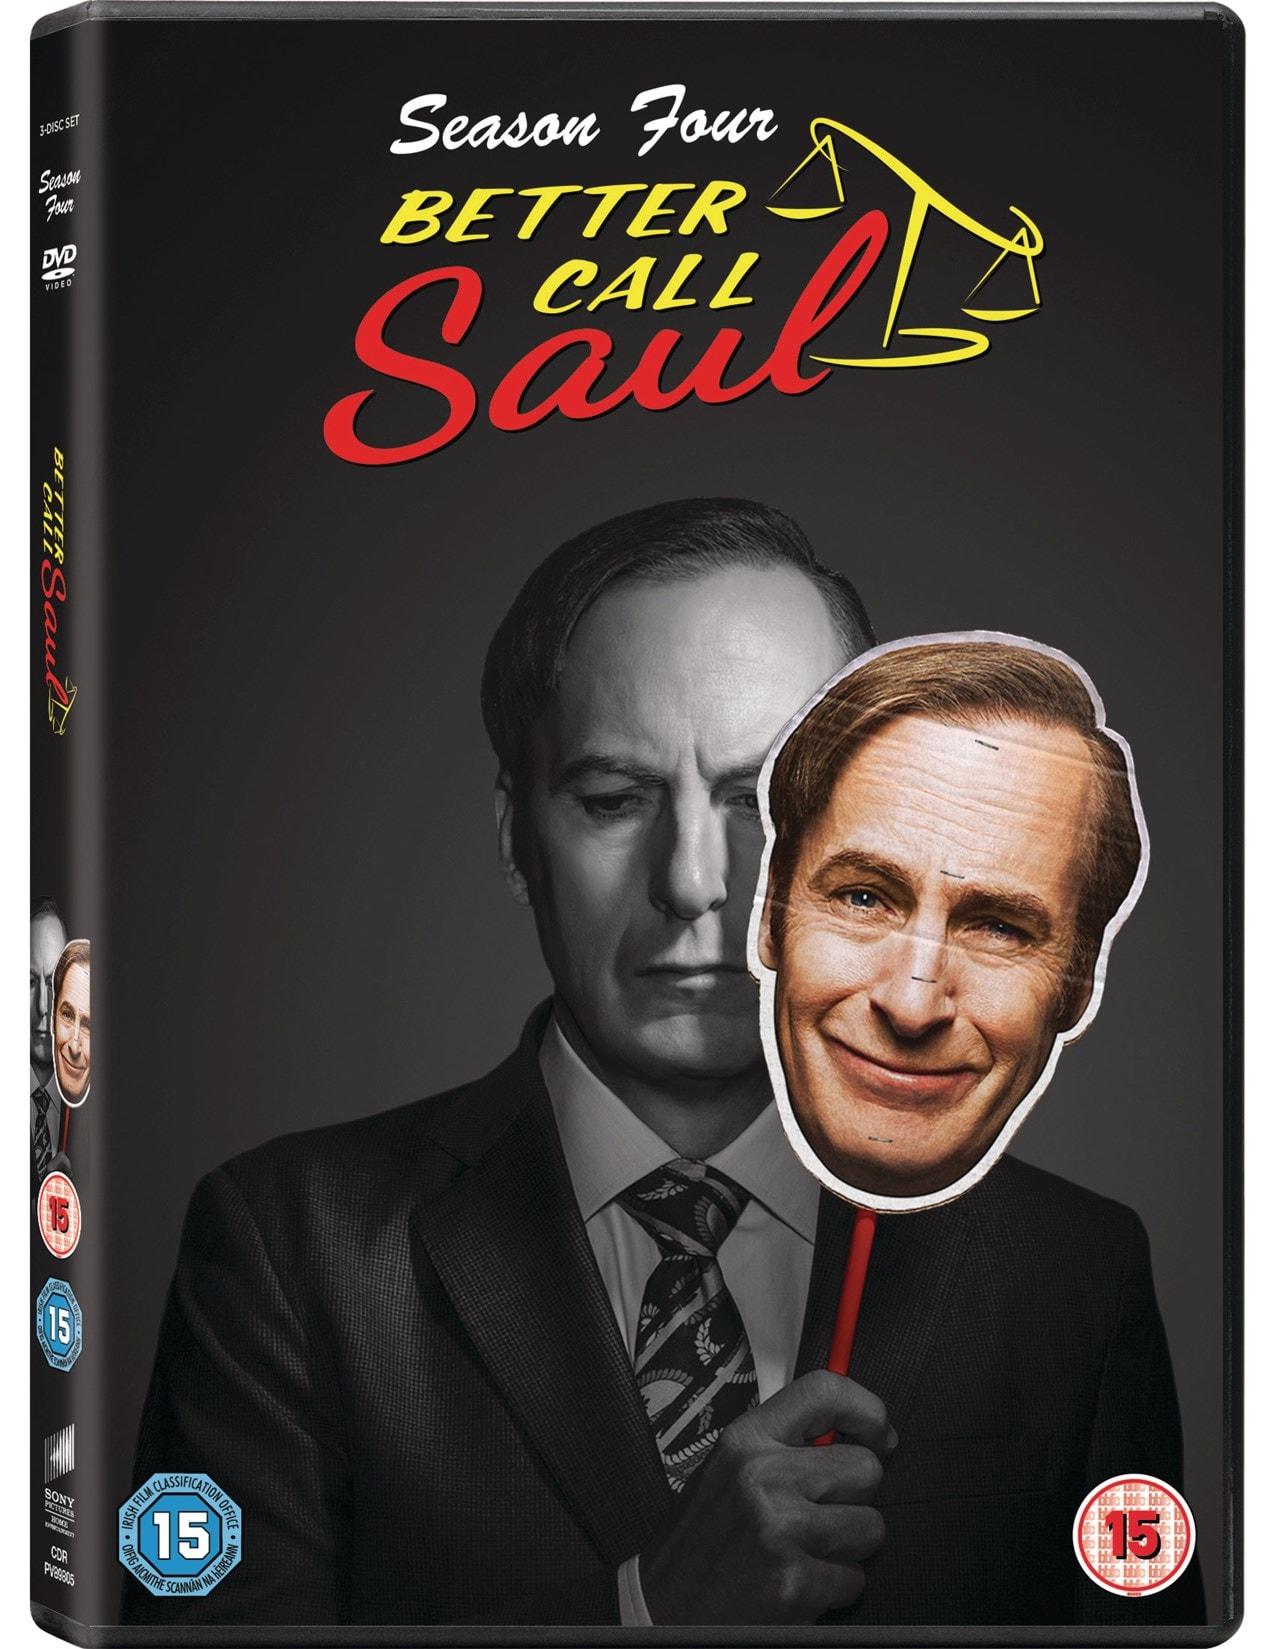 Better Call Saul: Season Four - 2